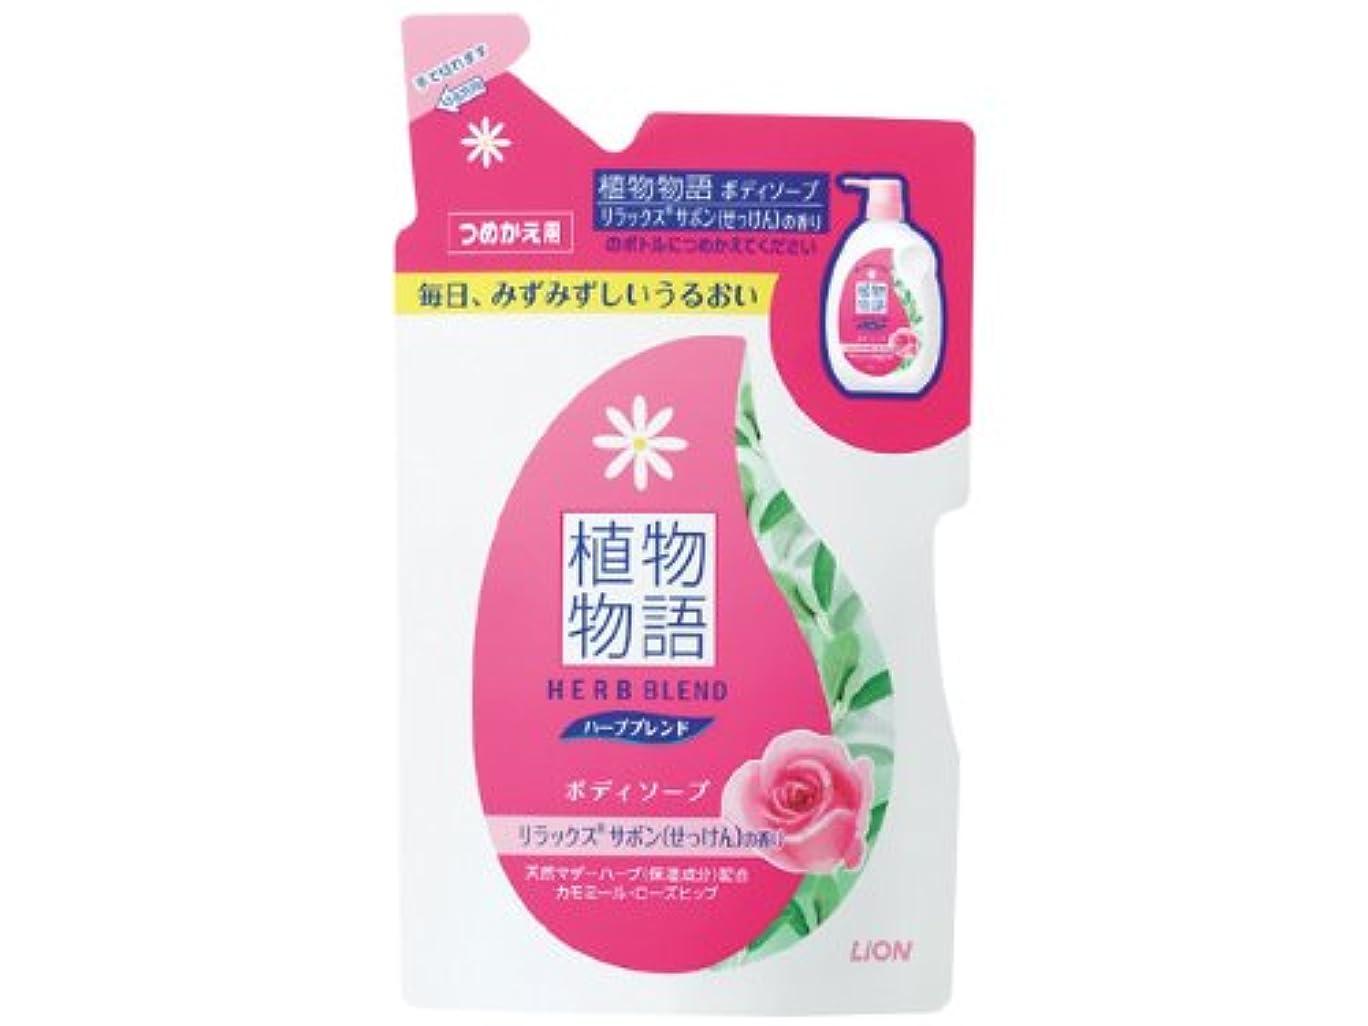 関係するエンティティ再現する植物物語 ハーブブレンド ボディソープ リラックスサボン(せっけん)の香り つめかえ用 420mL